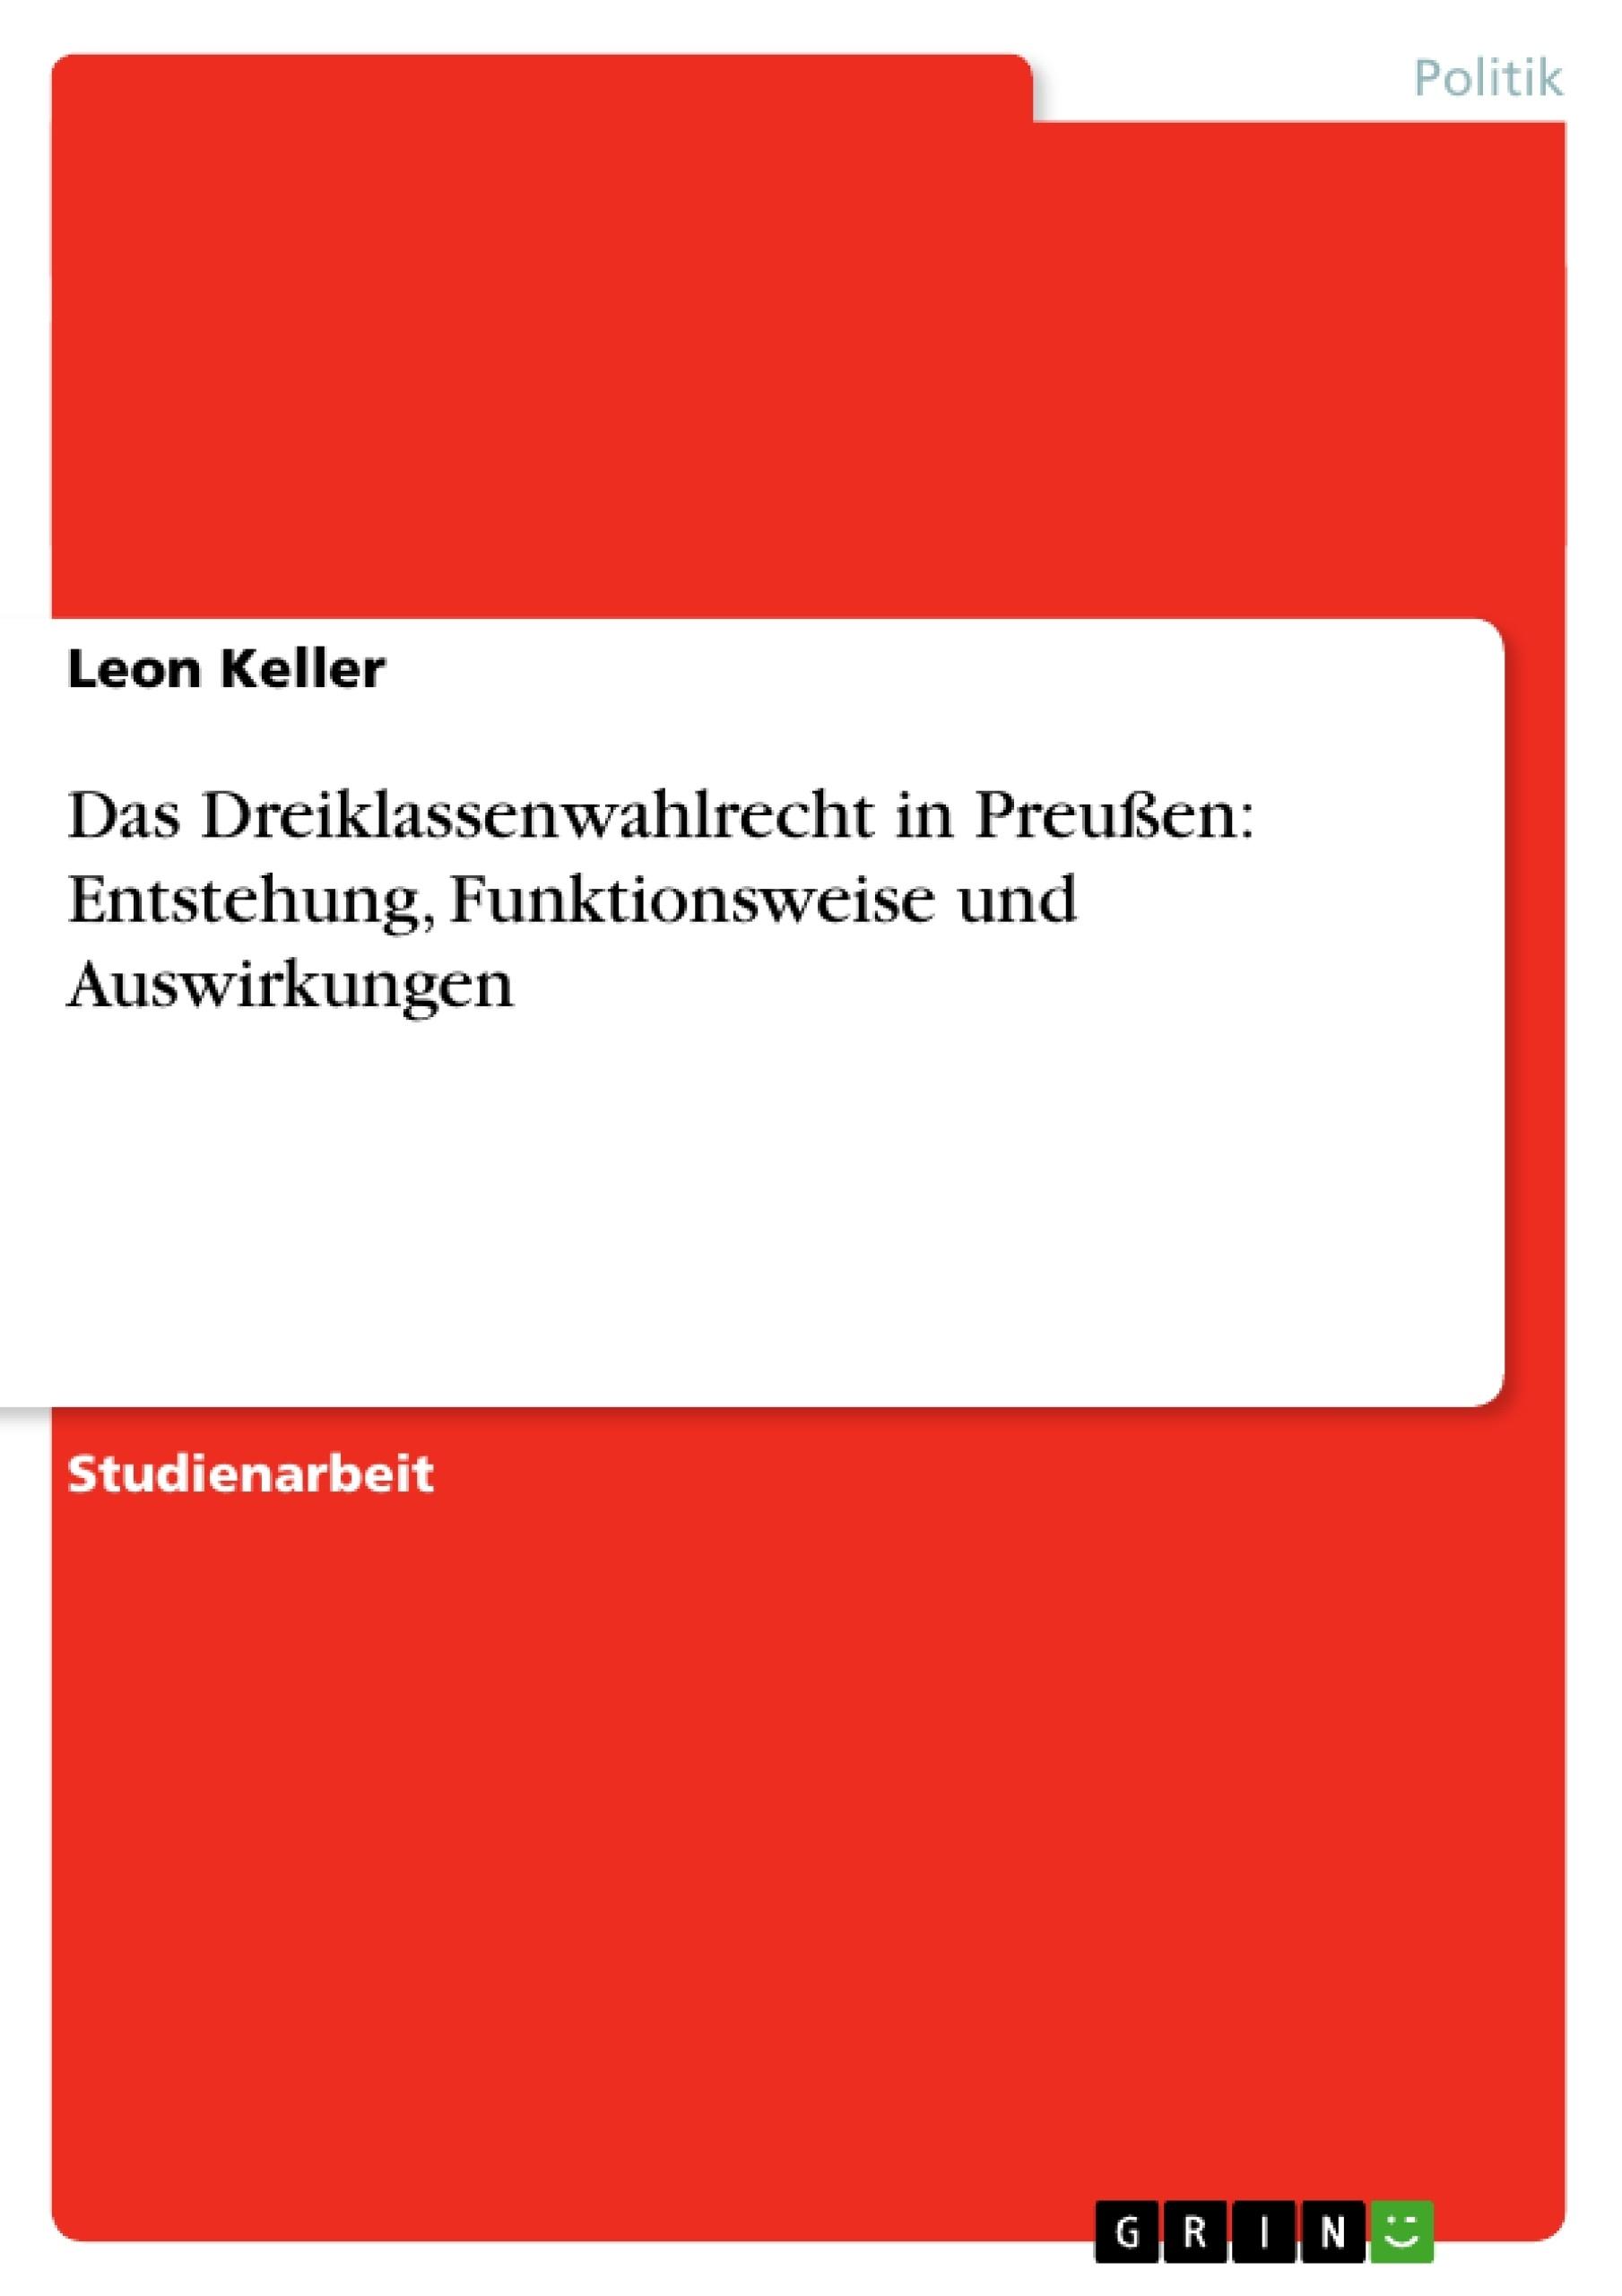 Titel: Das Dreiklassenwahlrecht in Preußen: Entstehung, Funktionsweise und Auswirkungen